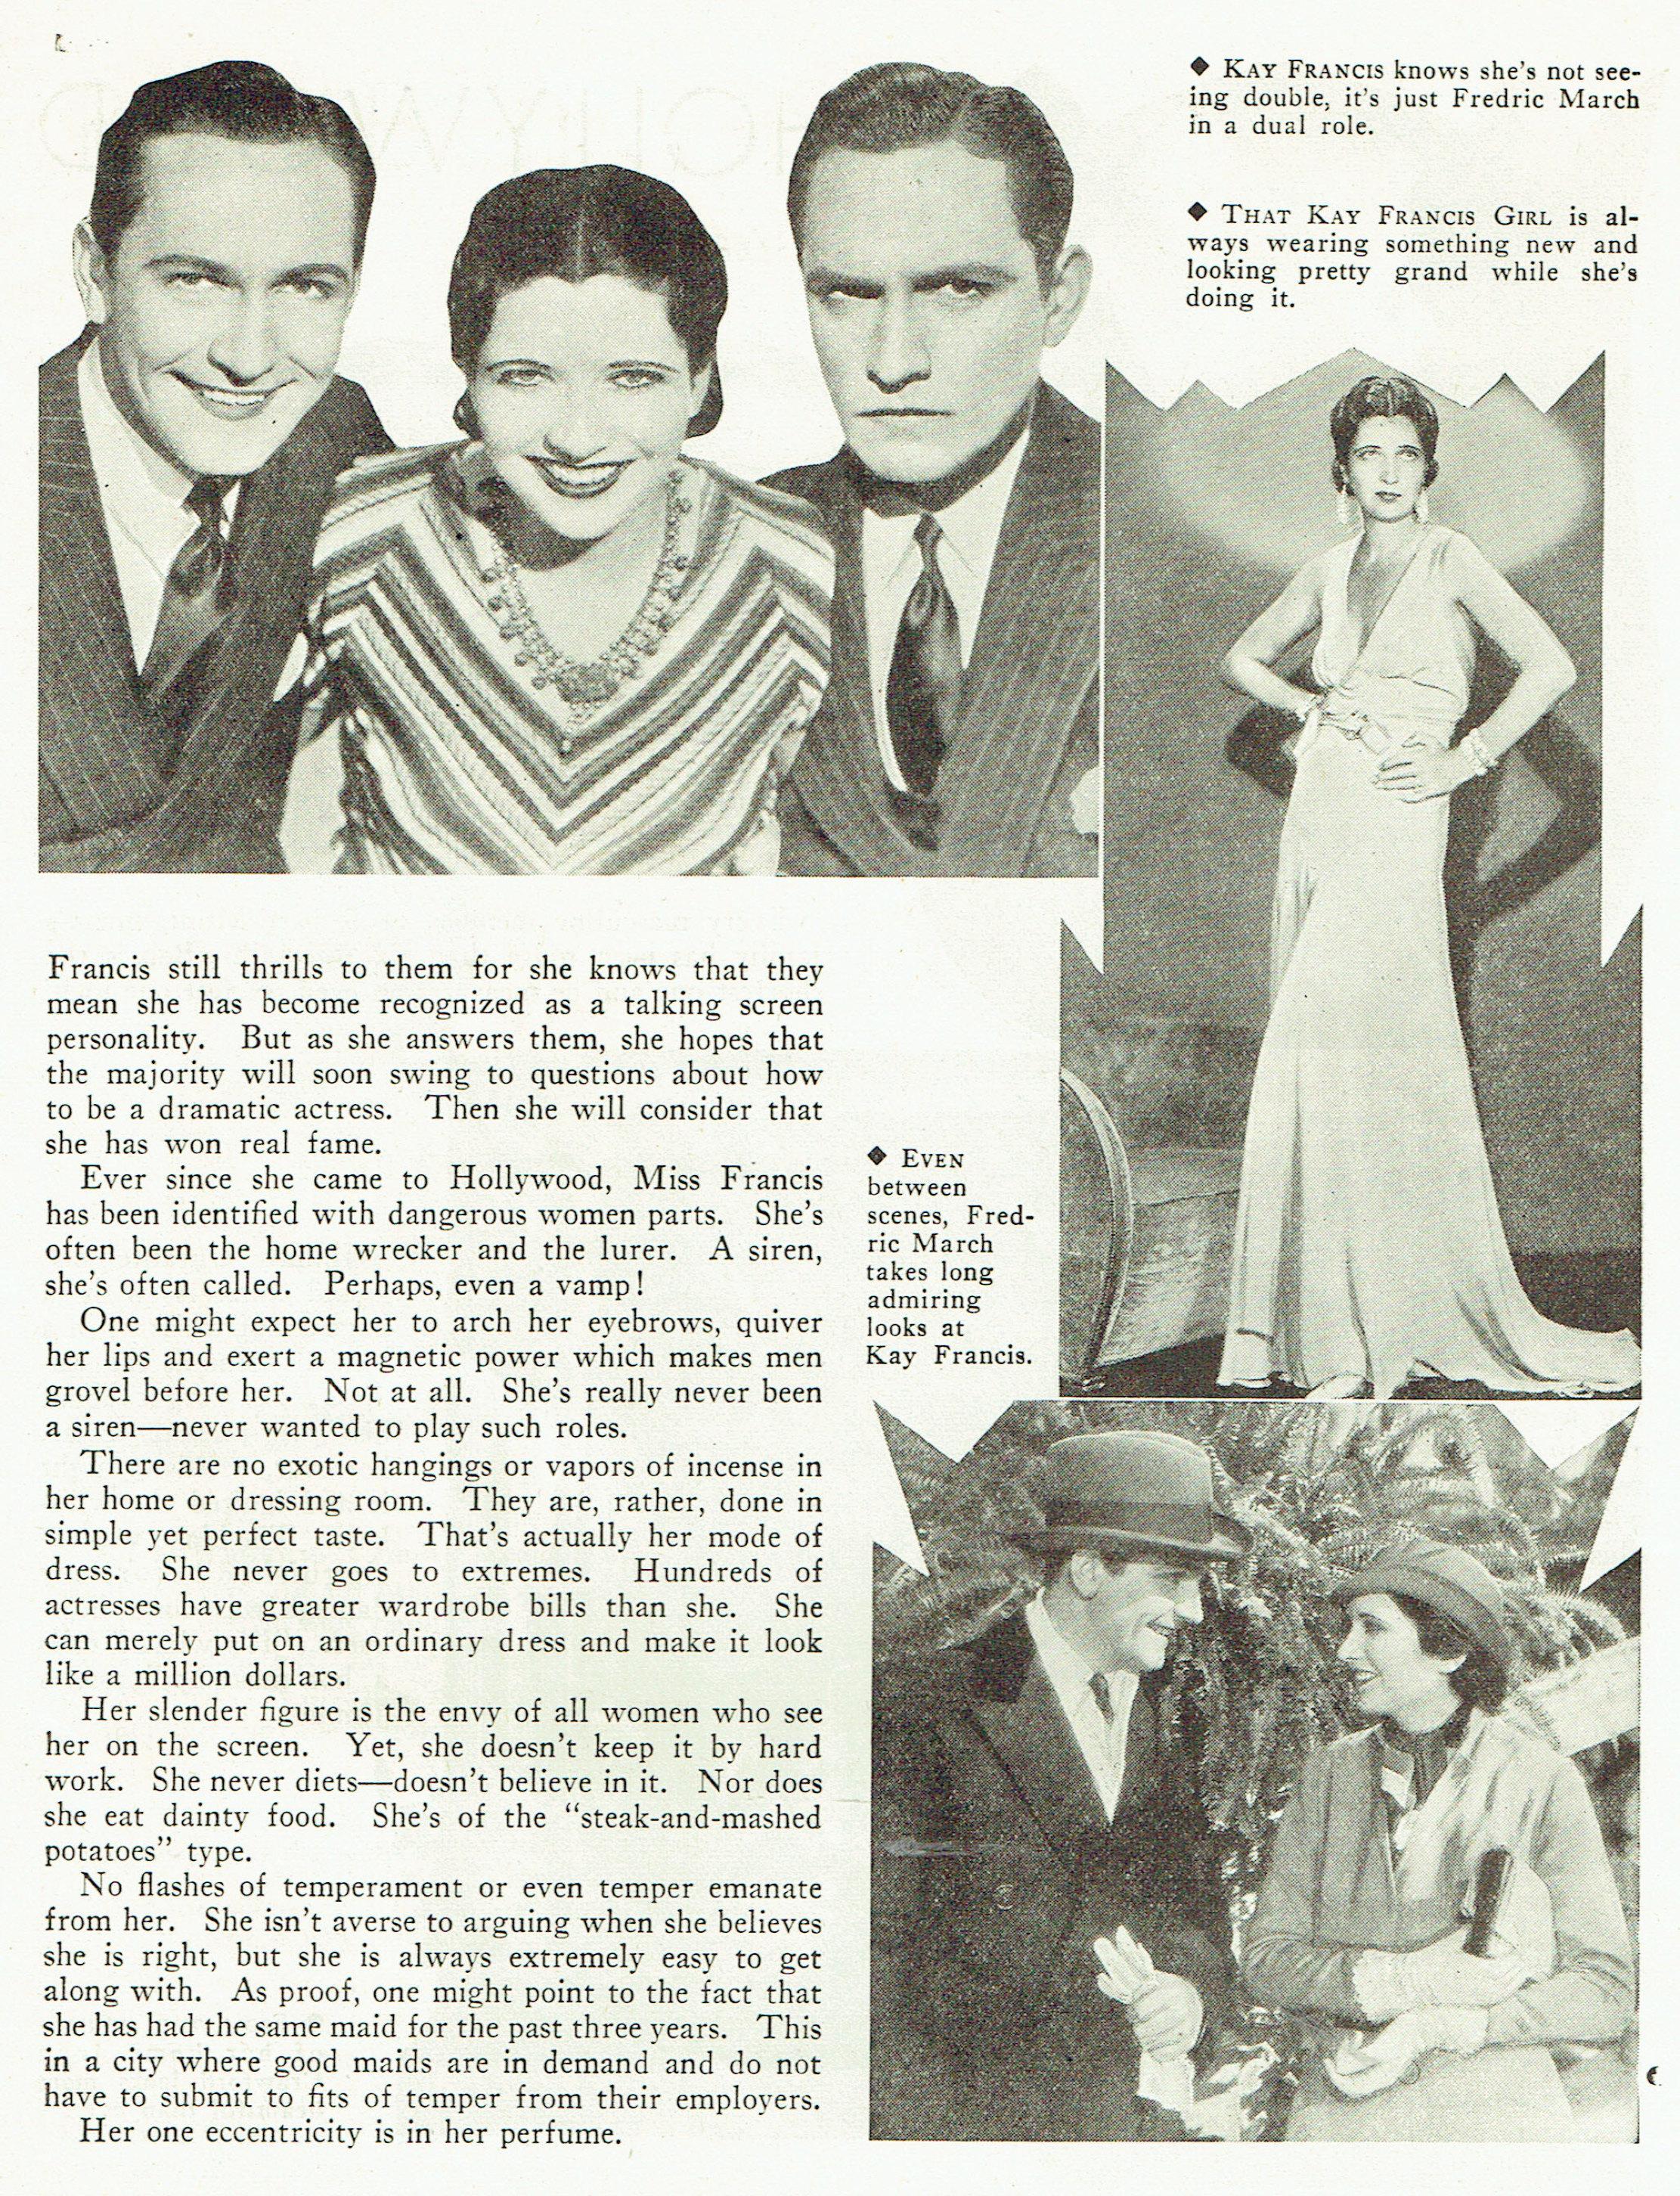 carole lombard publix theatre screen review april 1932ea